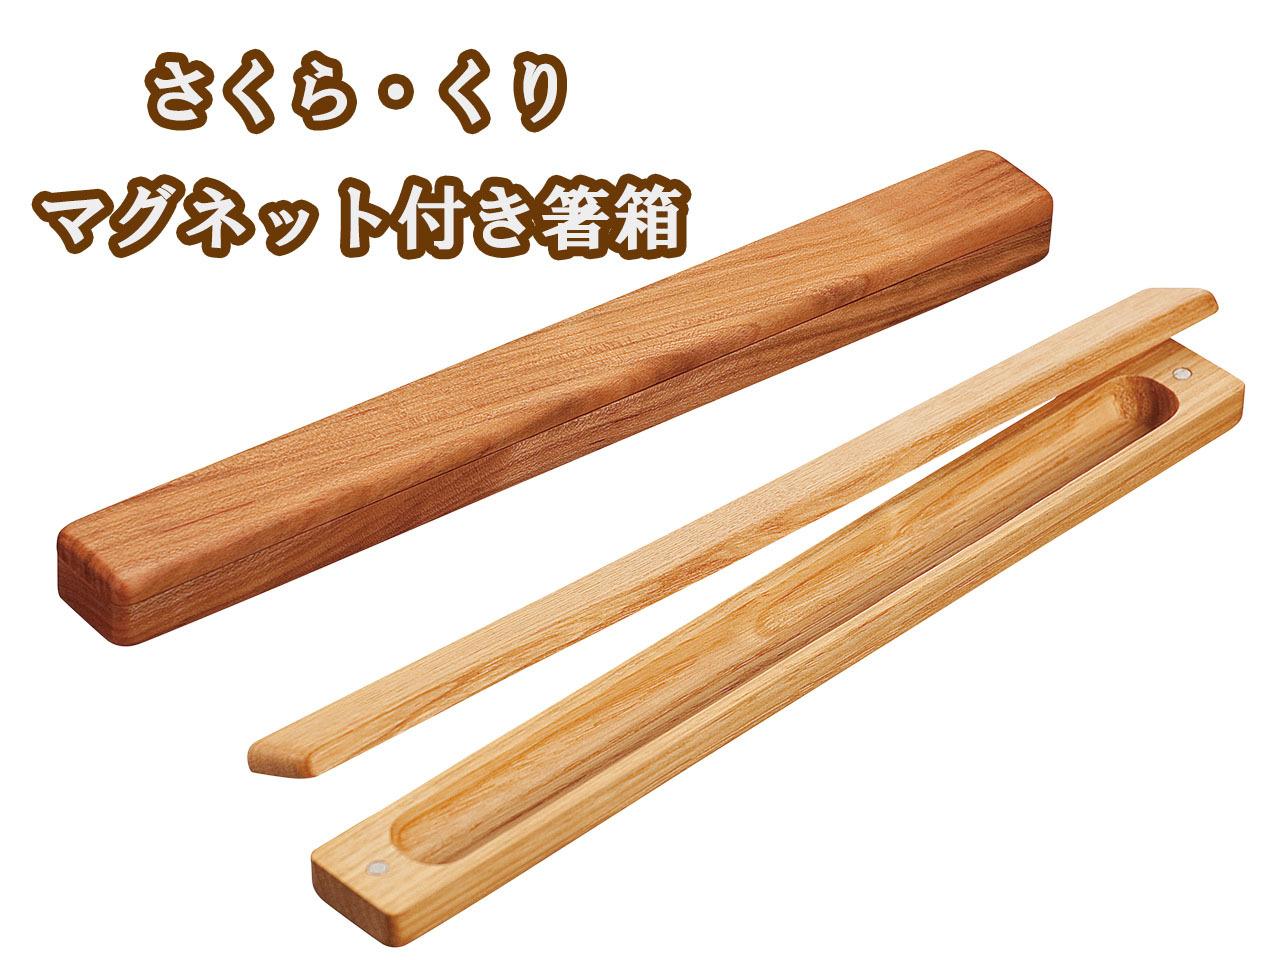 木製 「さくら・くり マグネット付き箸箱 24cm」 20cmまでの箸が入ります! ポストIN発送対応商品